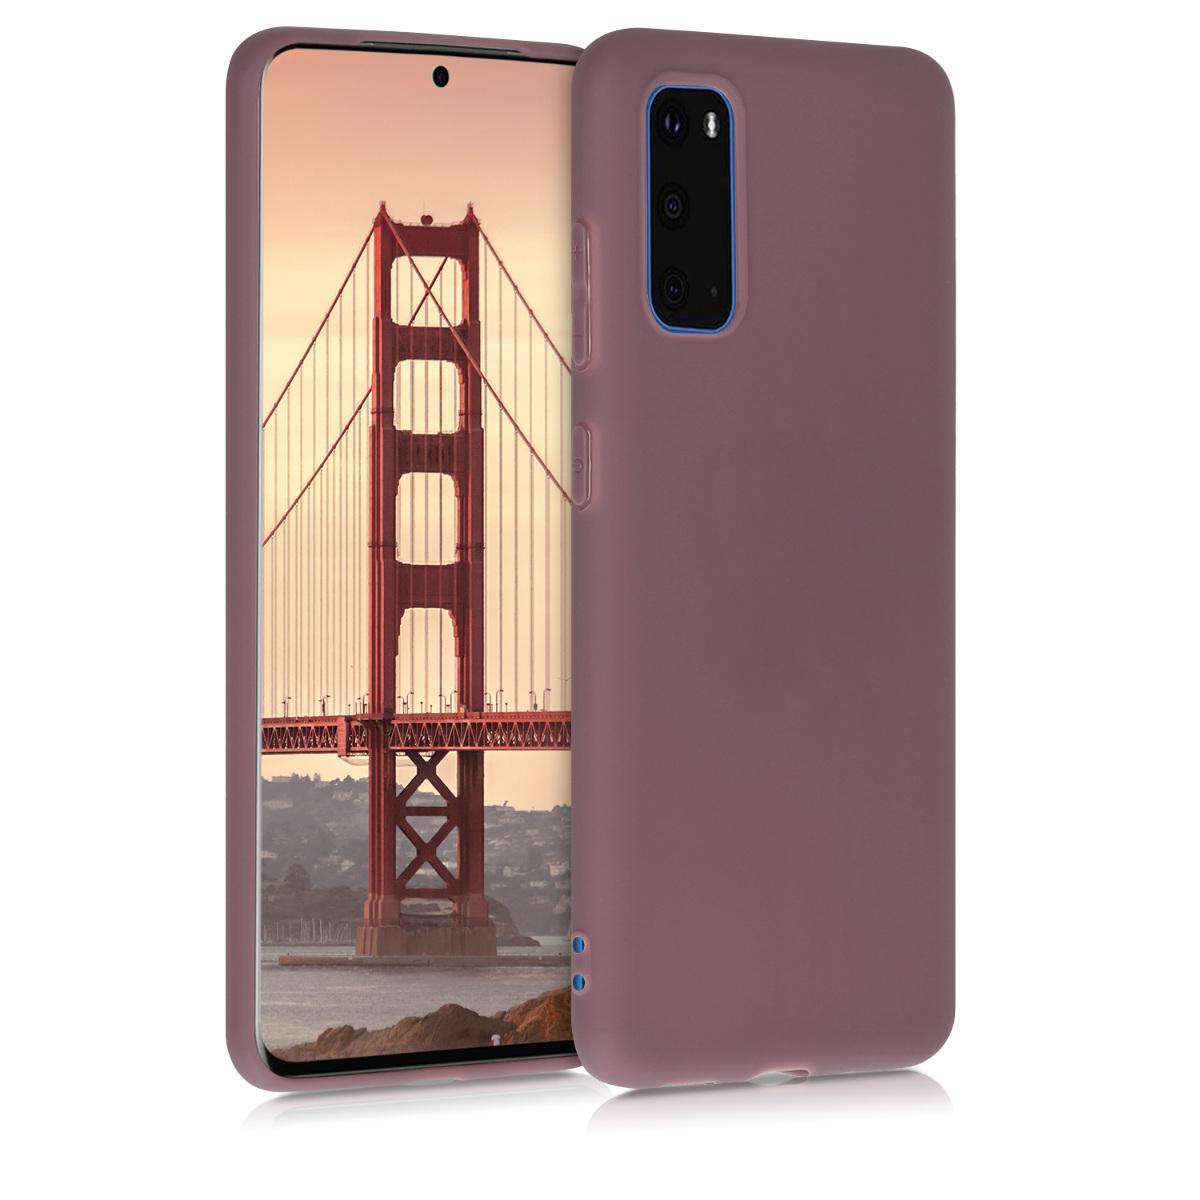 Švestkové silikonové pouzdro / obal pro Samsung S20